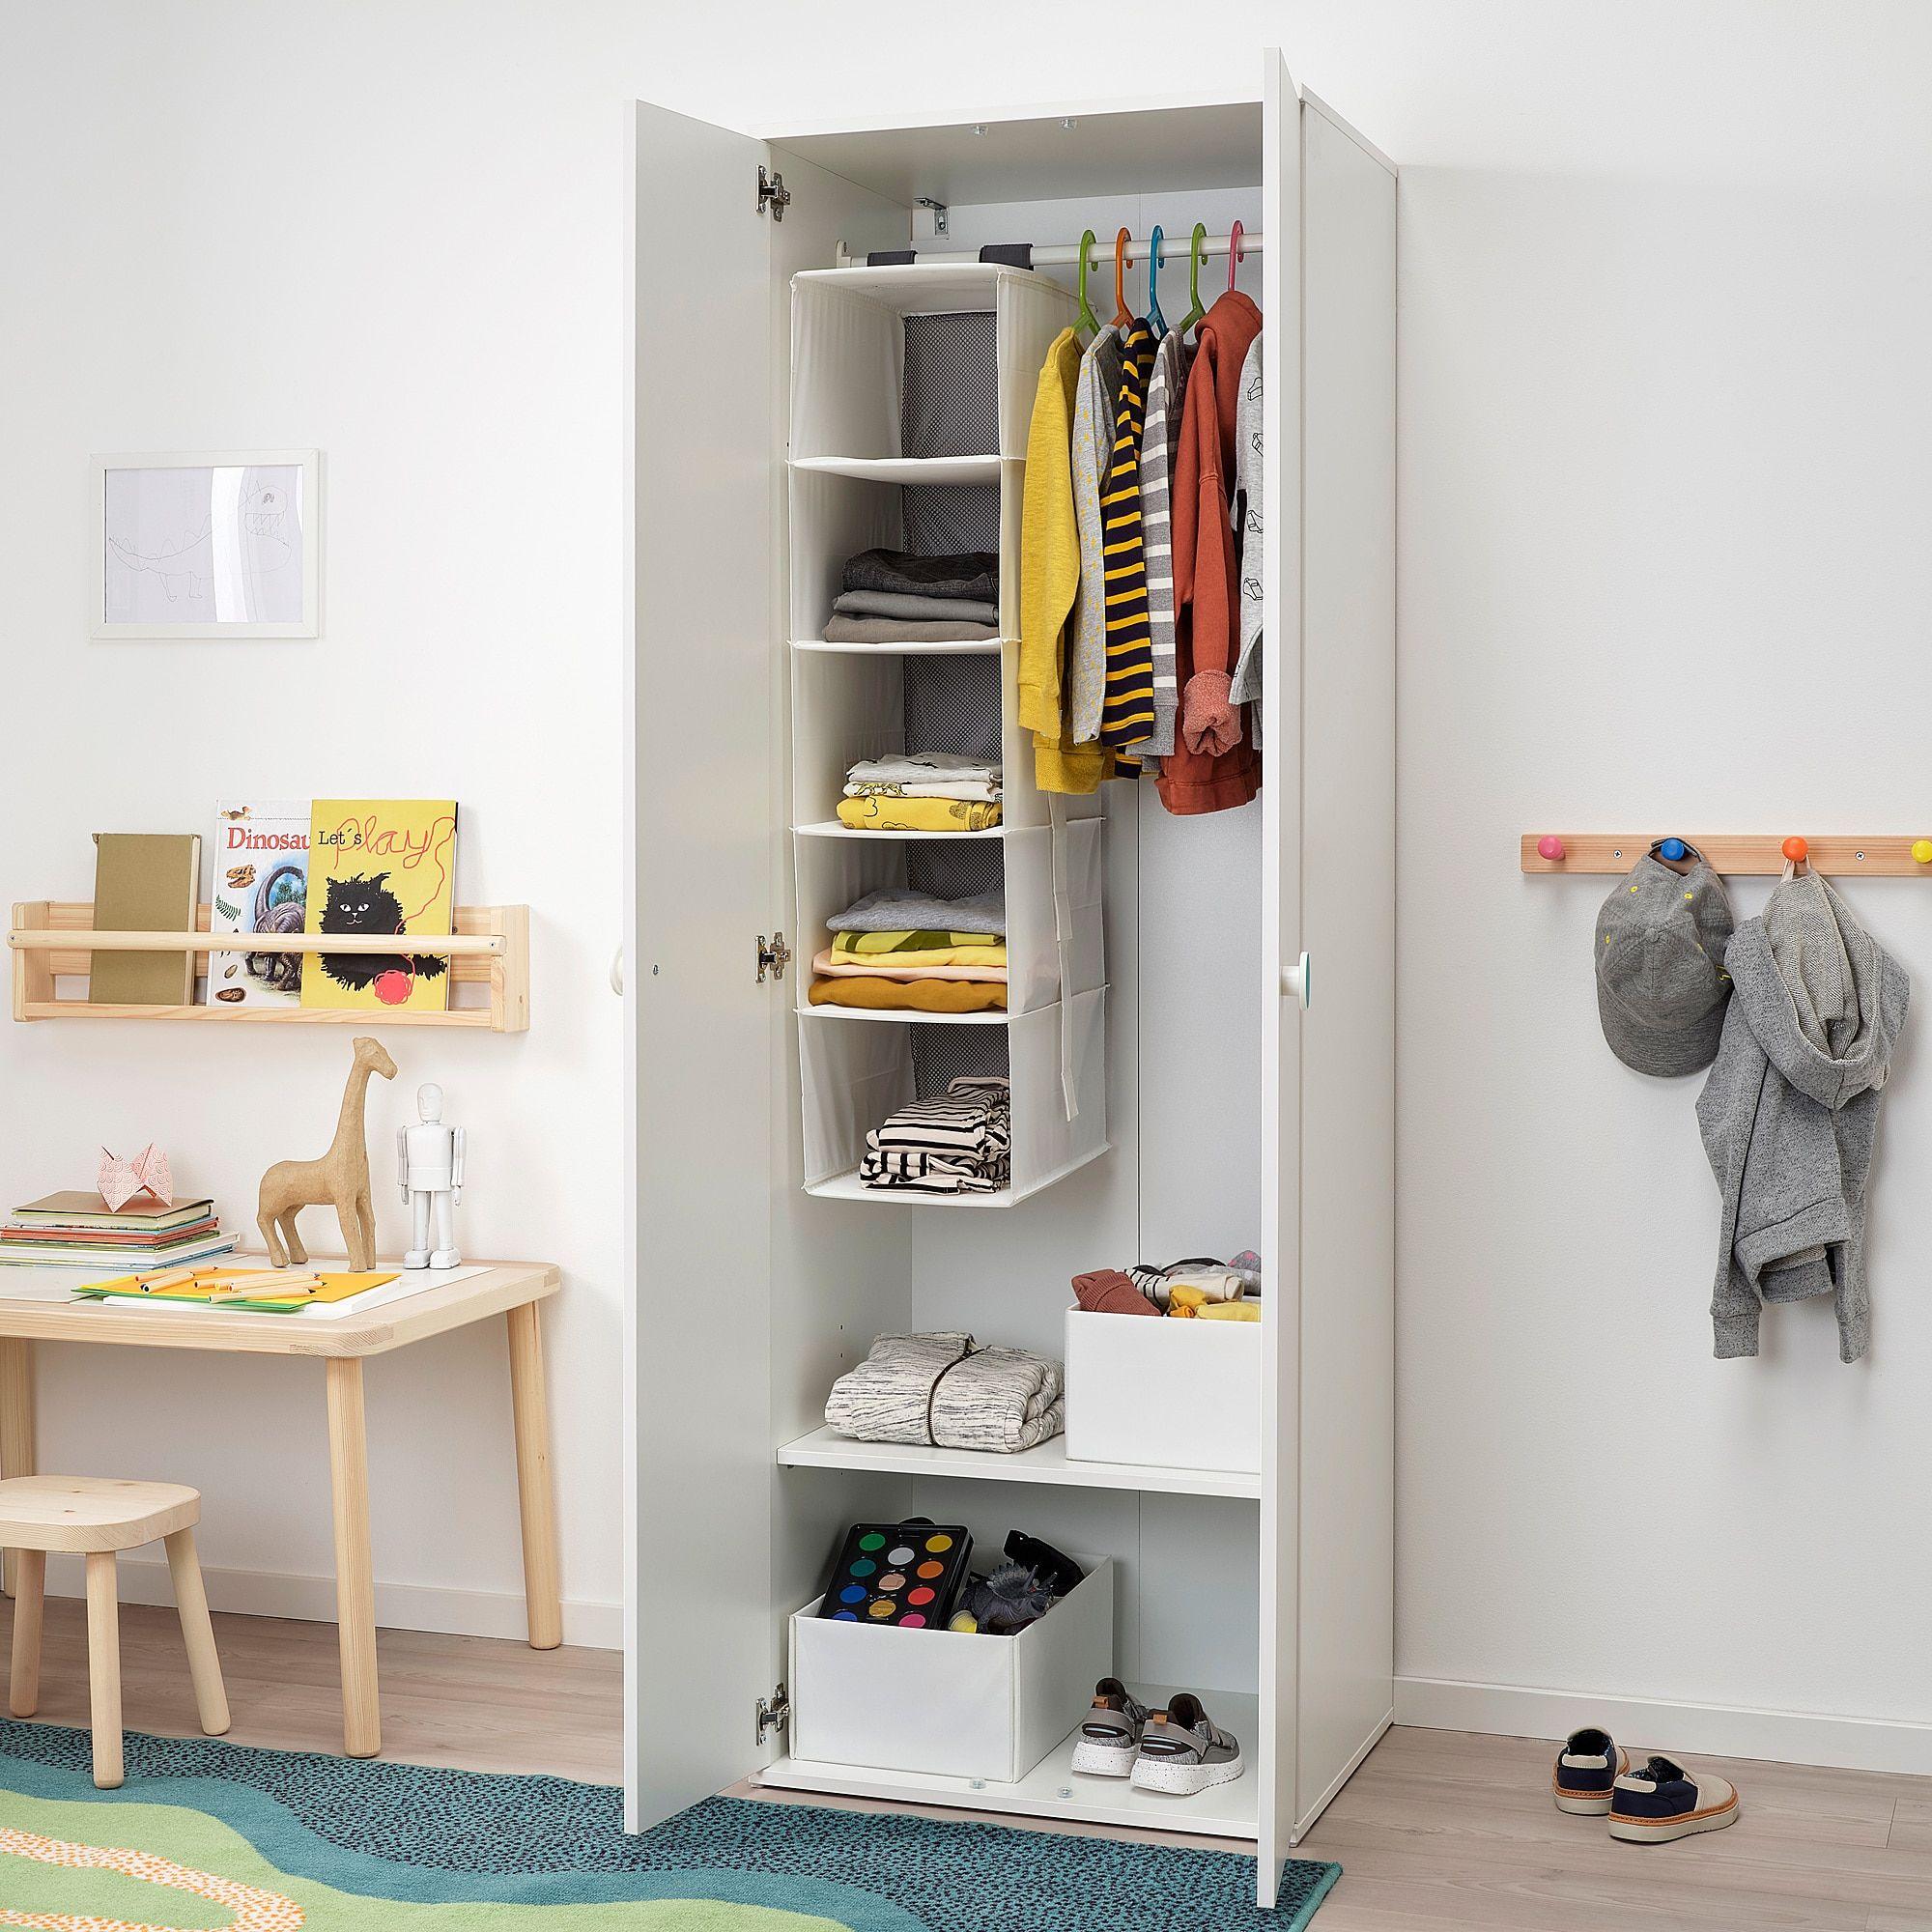 GODISHUS Kleiderschrank weiß Kleiderschrank weiss, Ikea